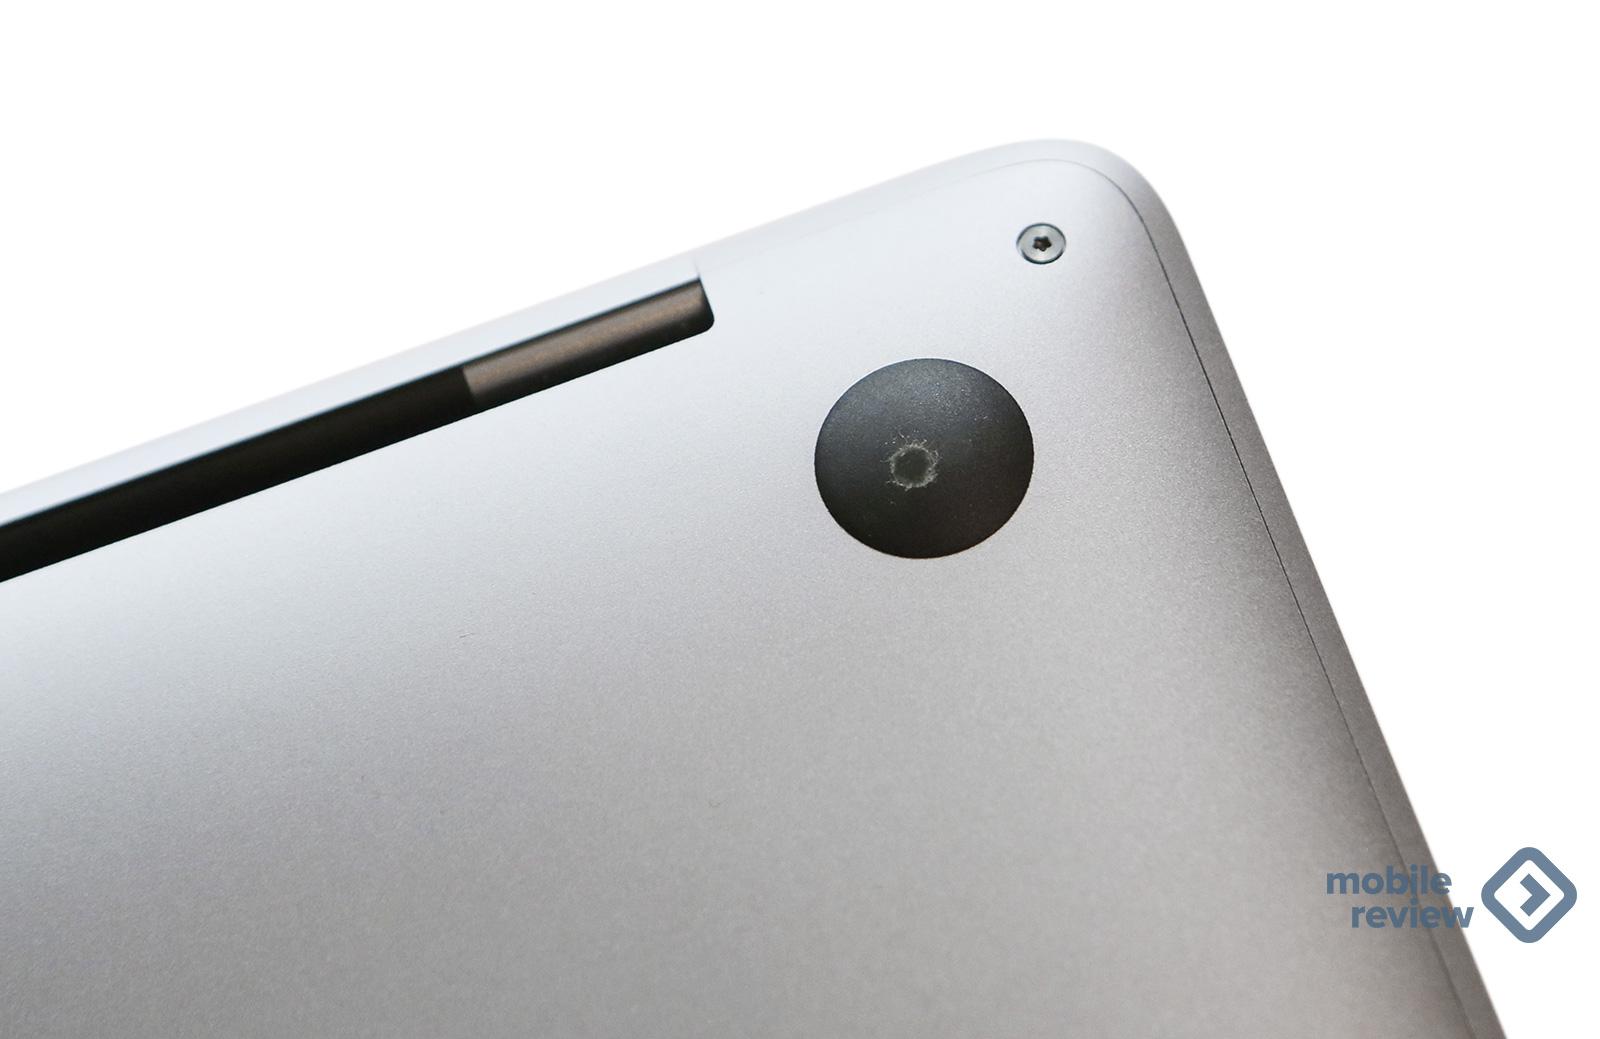 Хромой MacBook – косметический дефект или заводской брак?